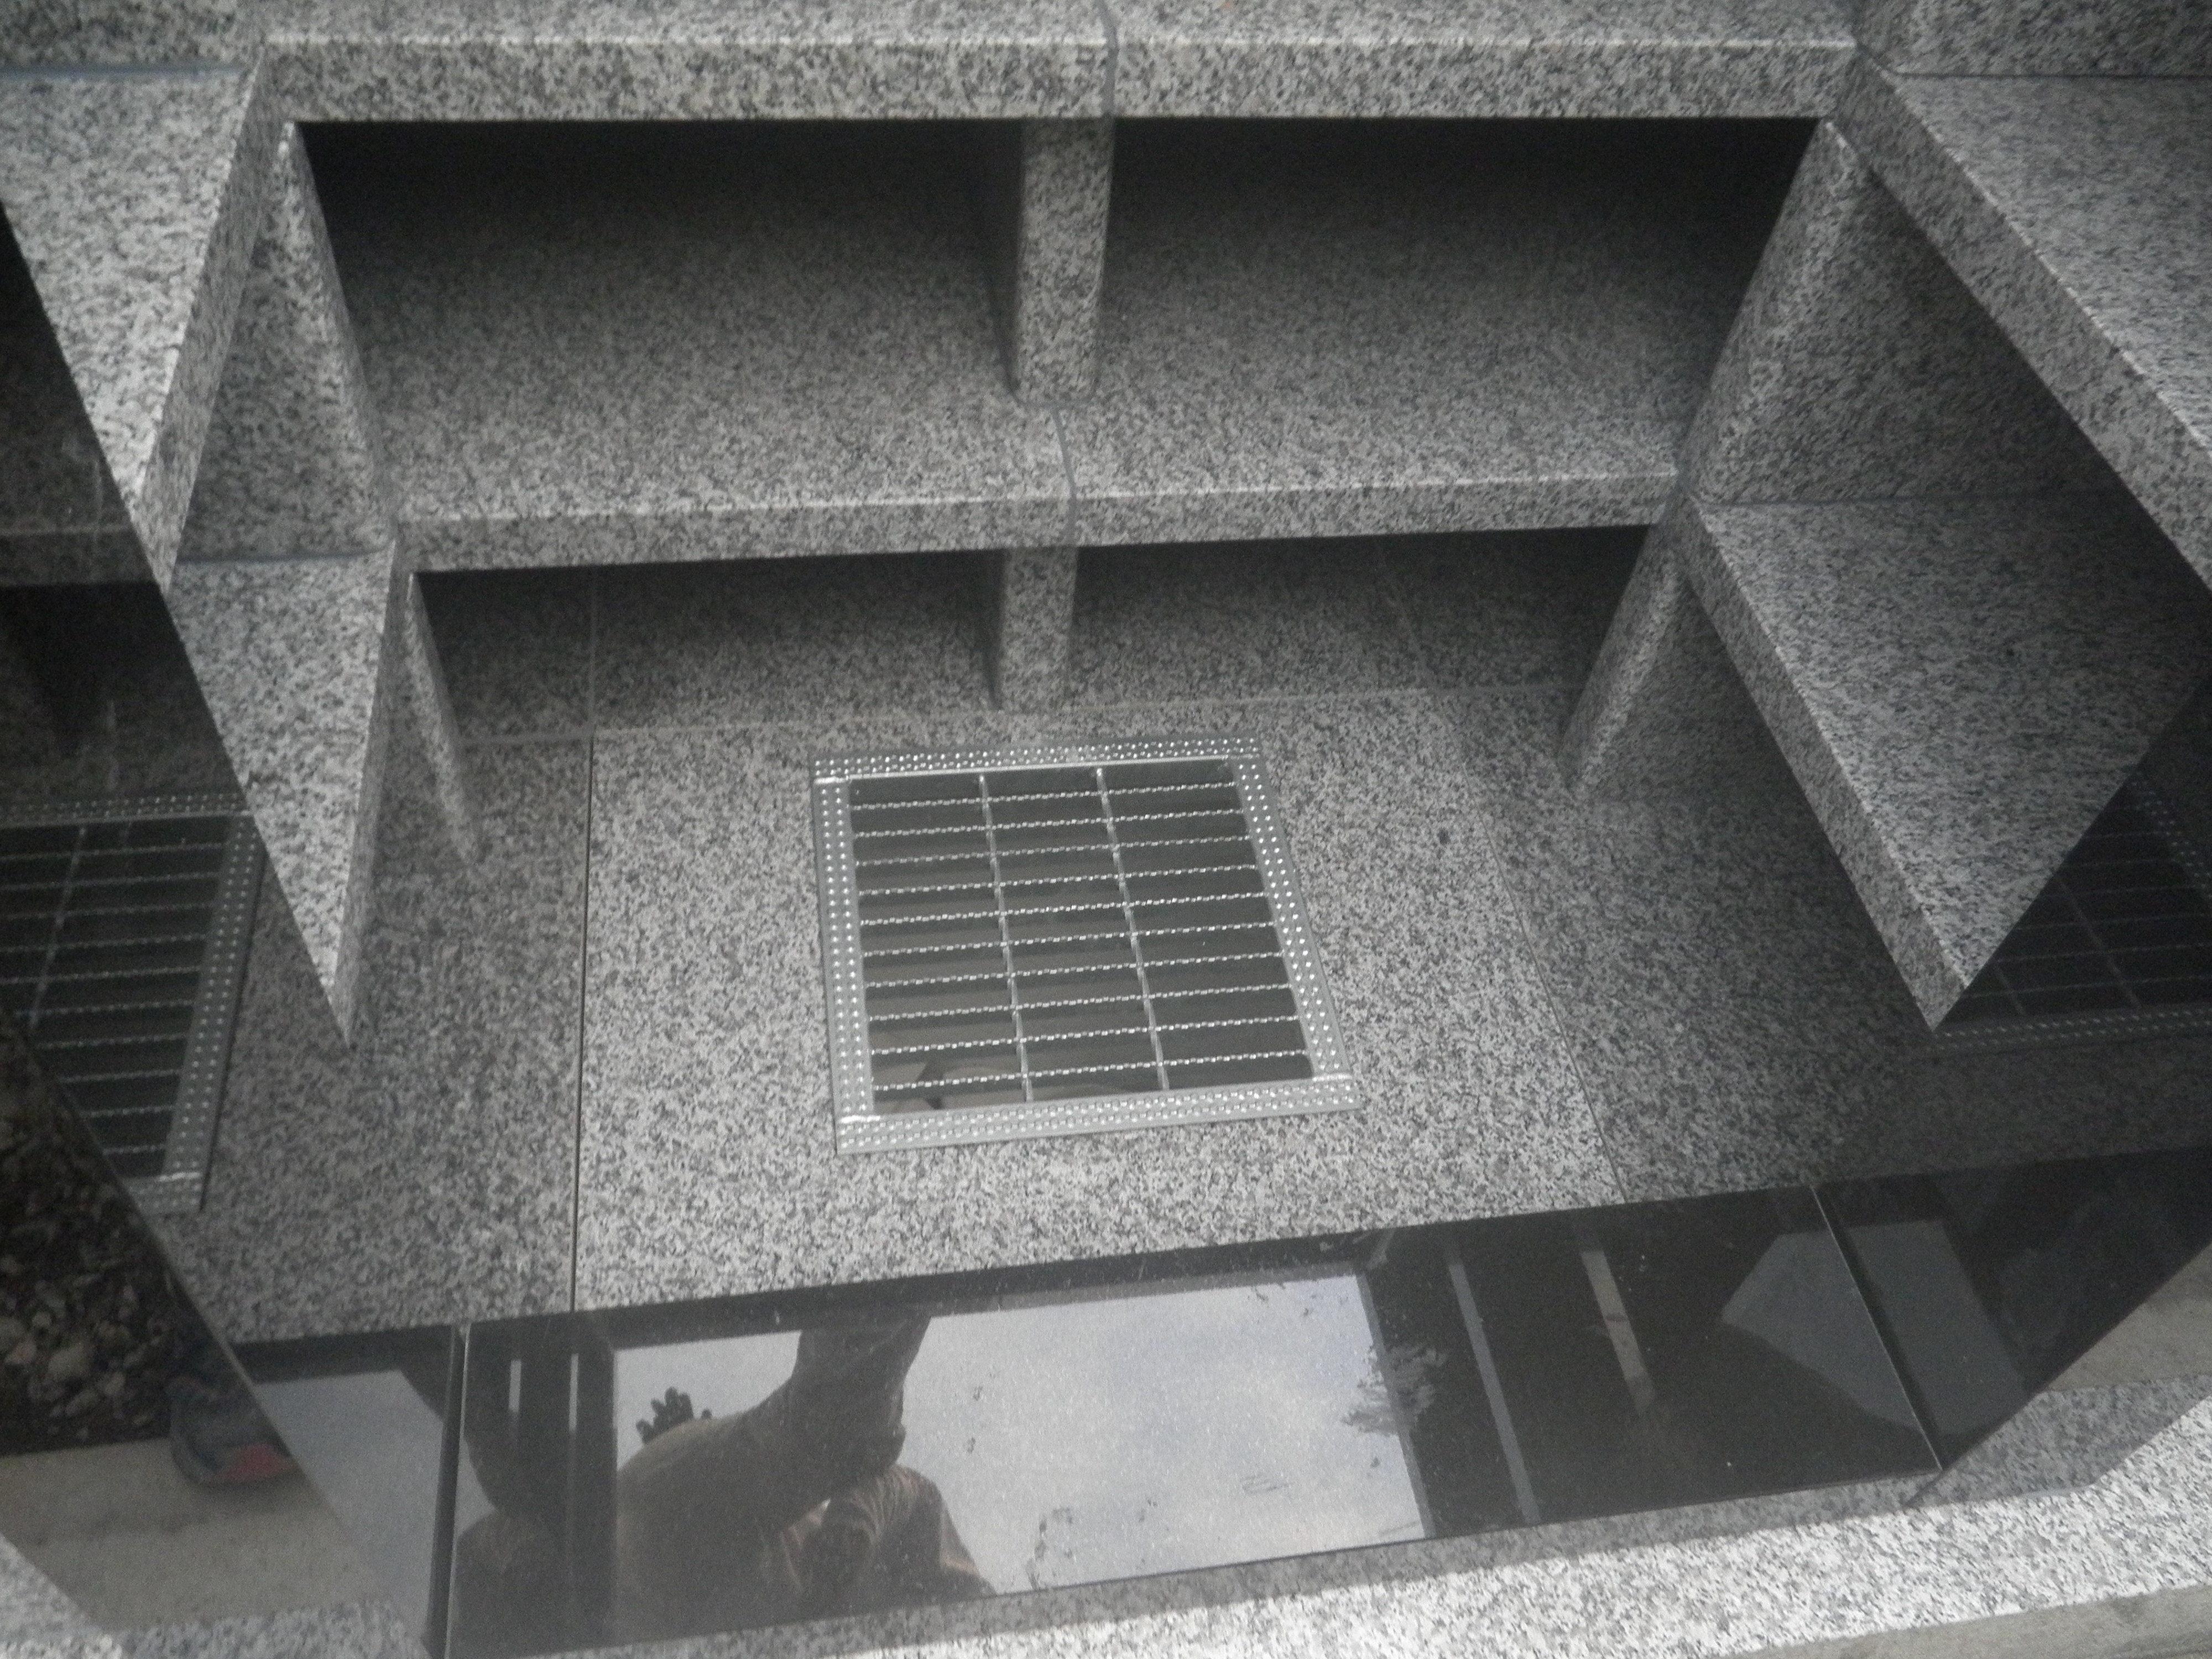 慈照塔 (納骨塔) 内部